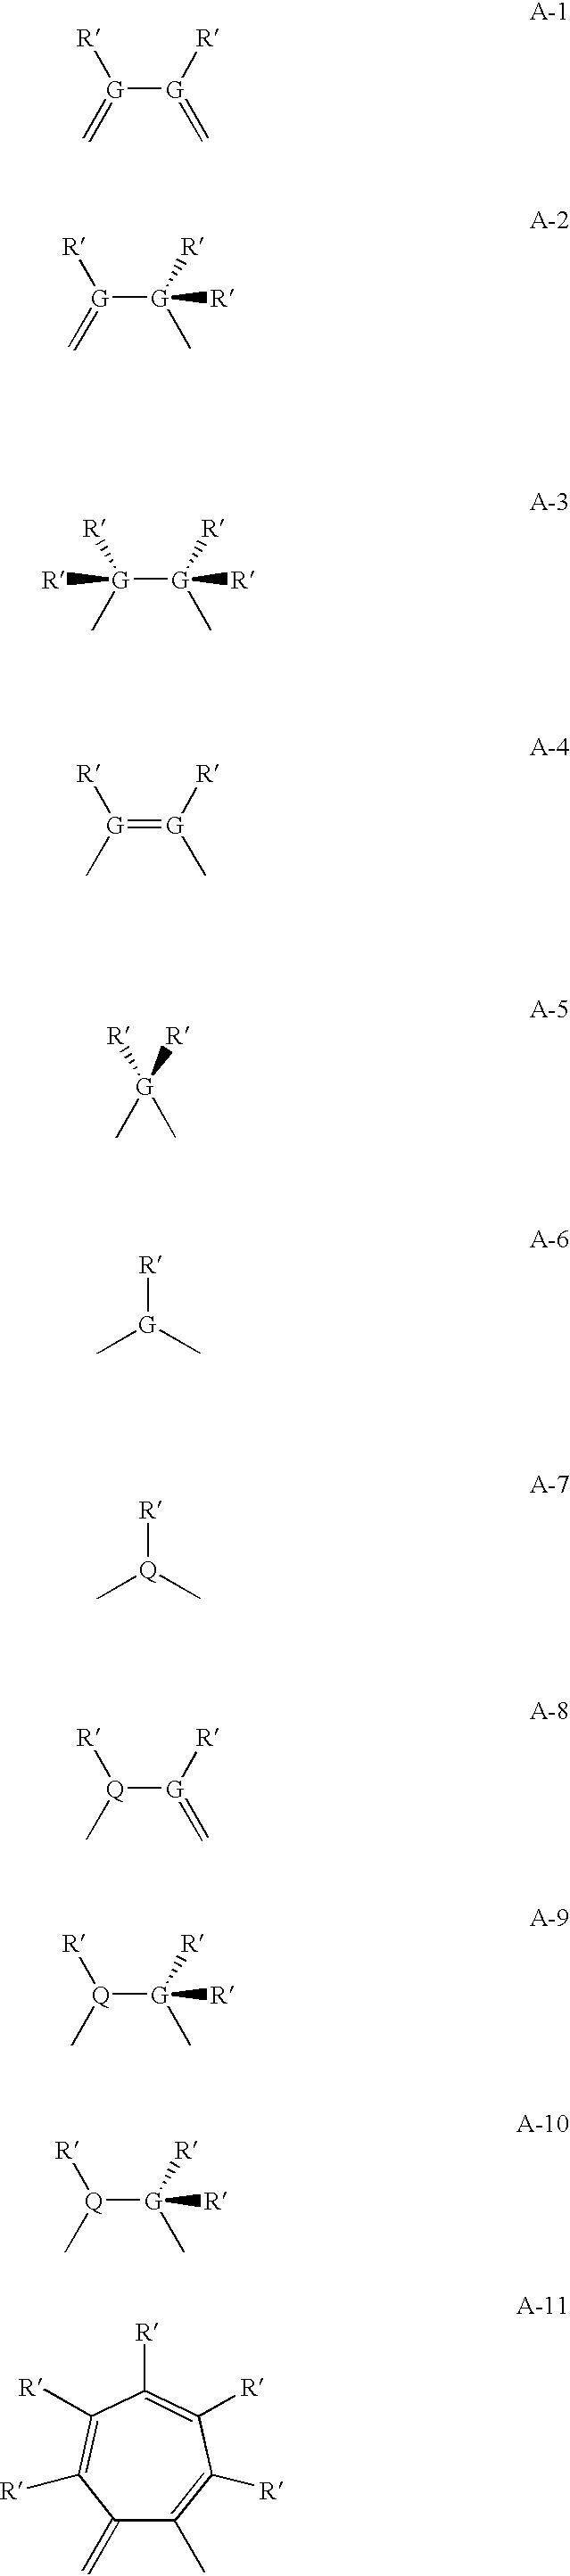 Figure US06468948-20021022-C00002